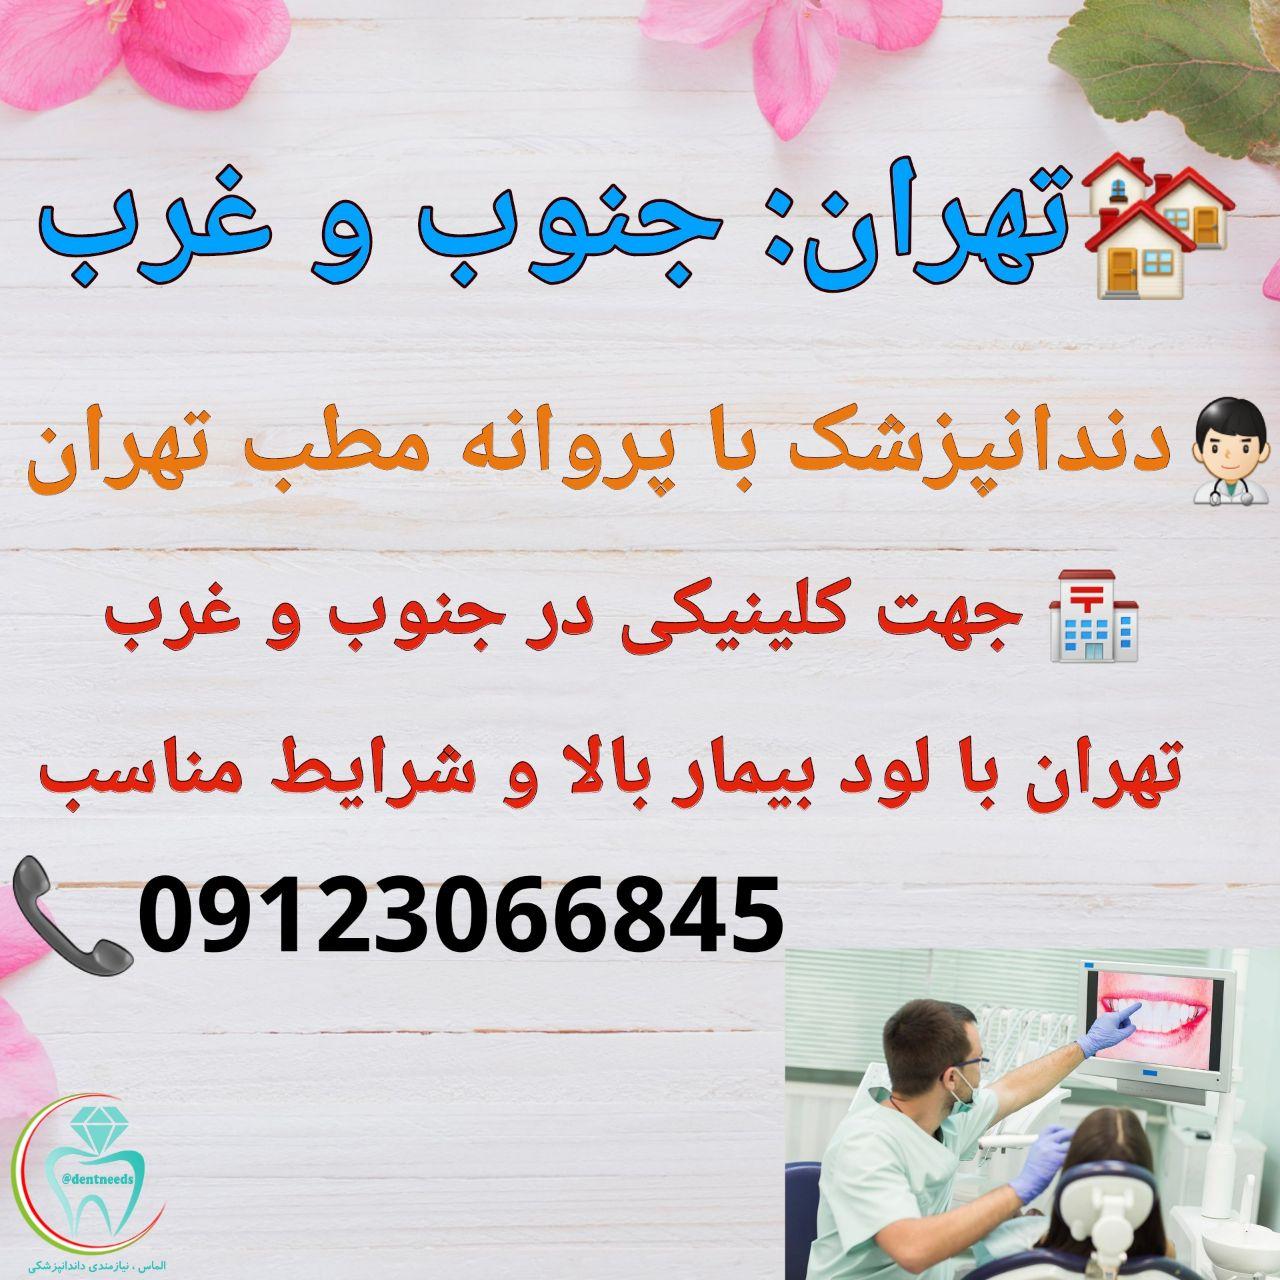 تهران: جنوب و غرب، دندانپزشک با پروانه تهران